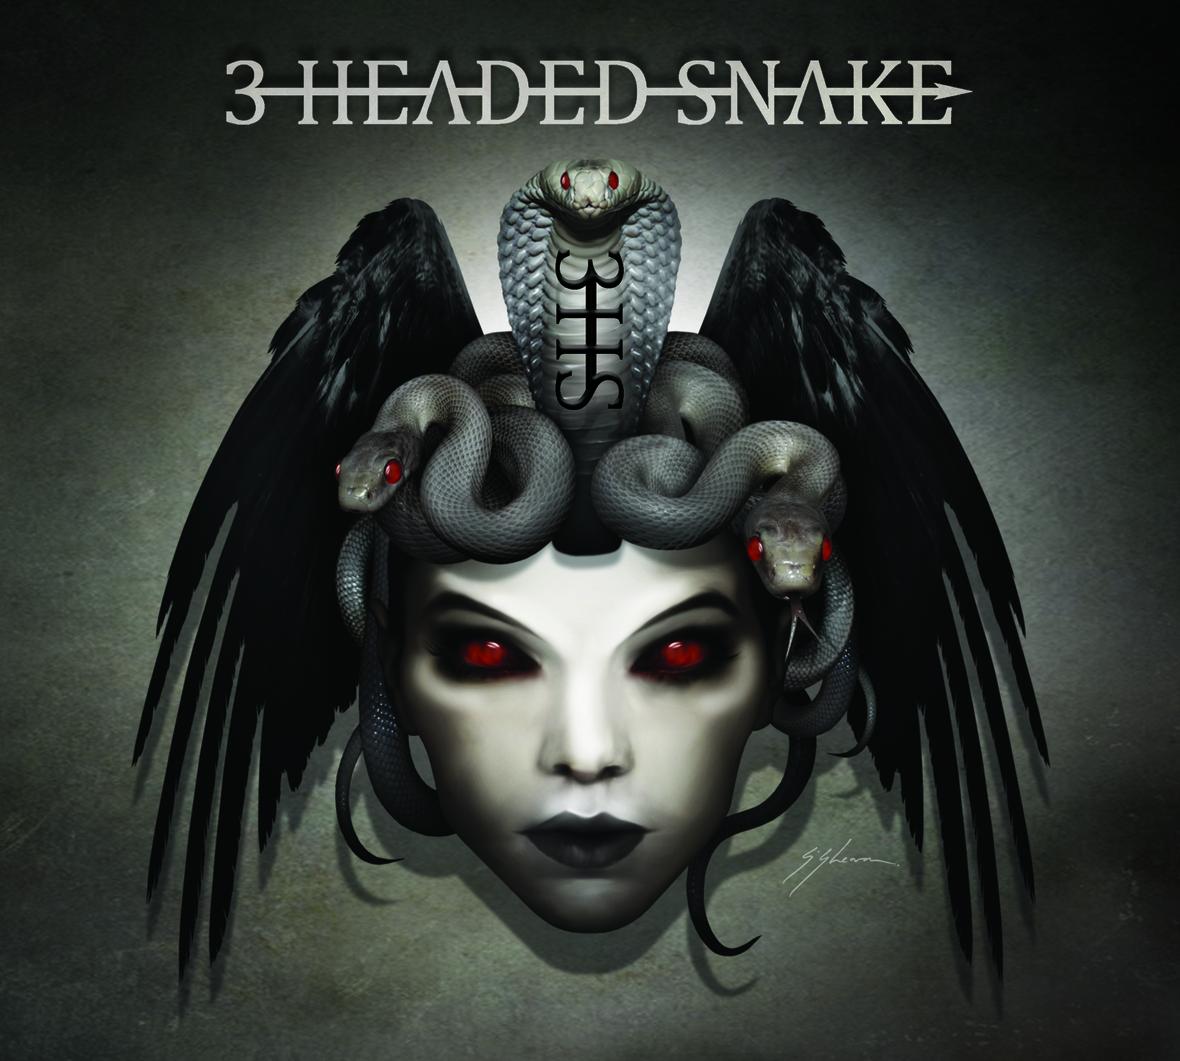 3 Headed Snake